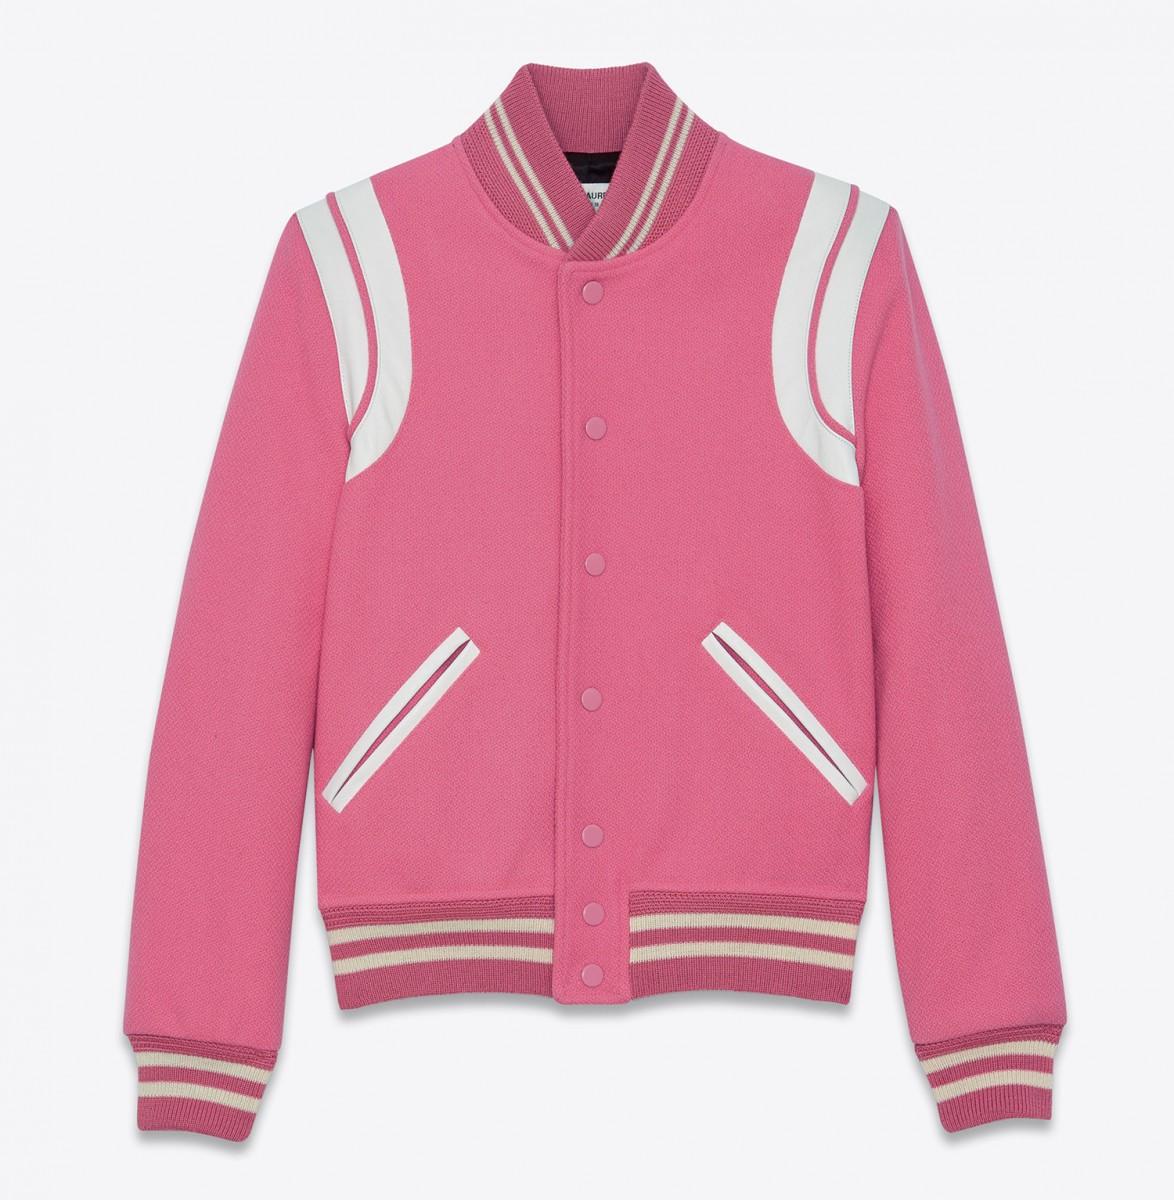 Le Teddy Saint Laurent en mode Rose Bonbon